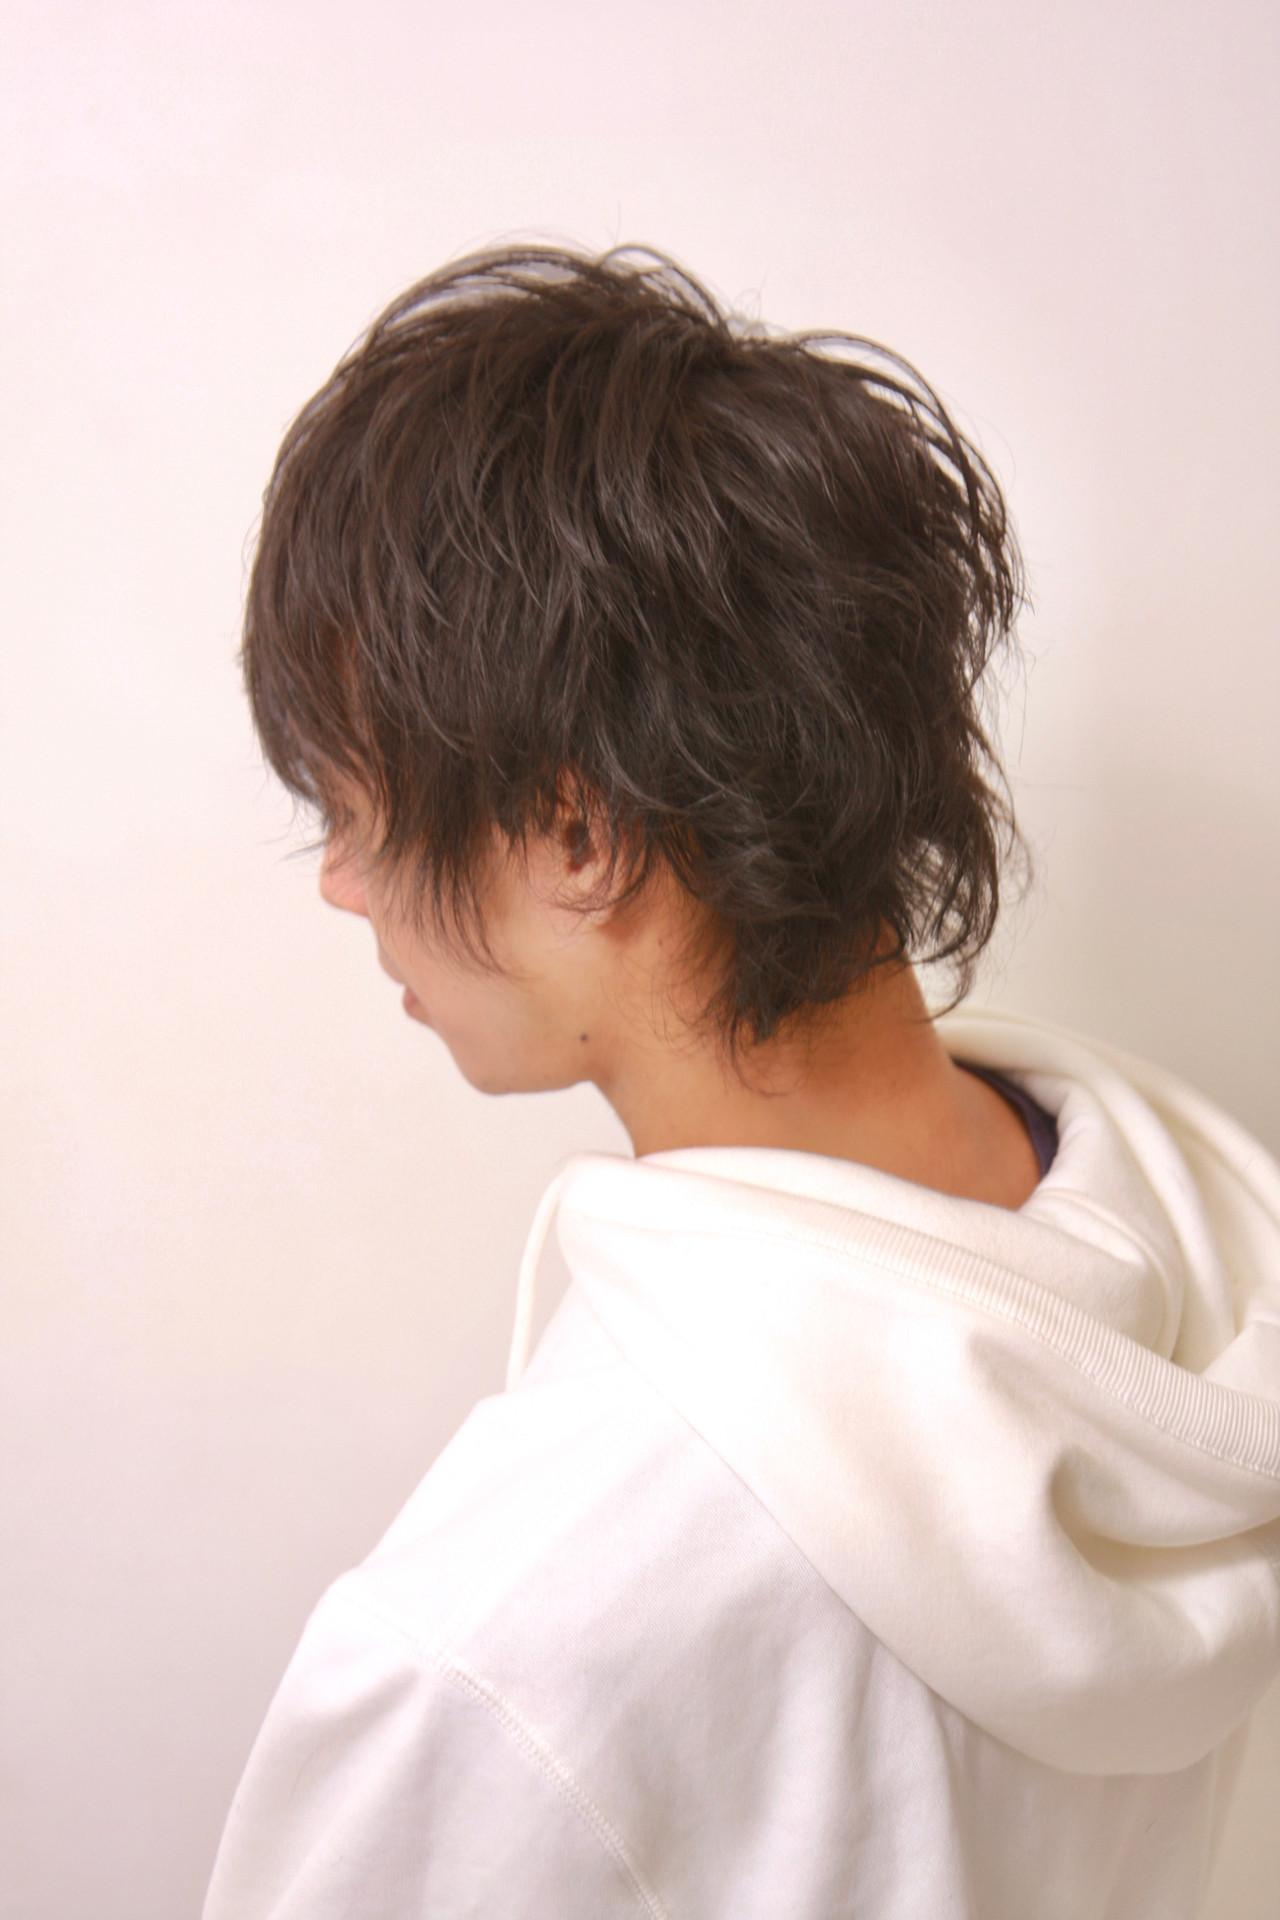 ウルフカット メンズヘア ナチュラル メンズパーマ ヘアスタイルや髪型の写真・画像